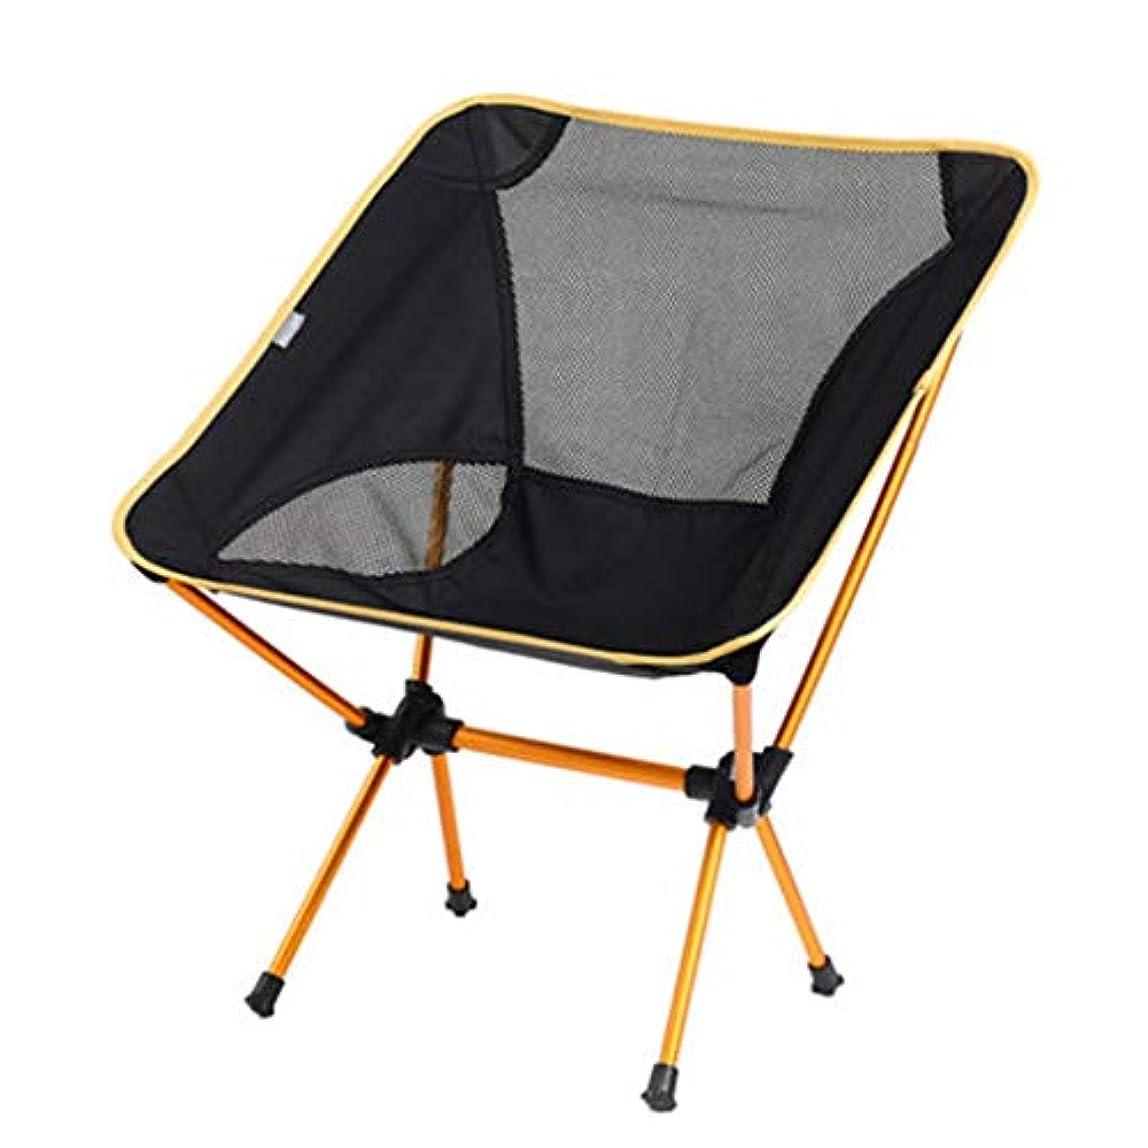 主張水平囲い折りたたみチェア 折りたたみ椅子屋外ポータブルチェアビーチチェア釣りスツール 折りたたみチェア 超軽量